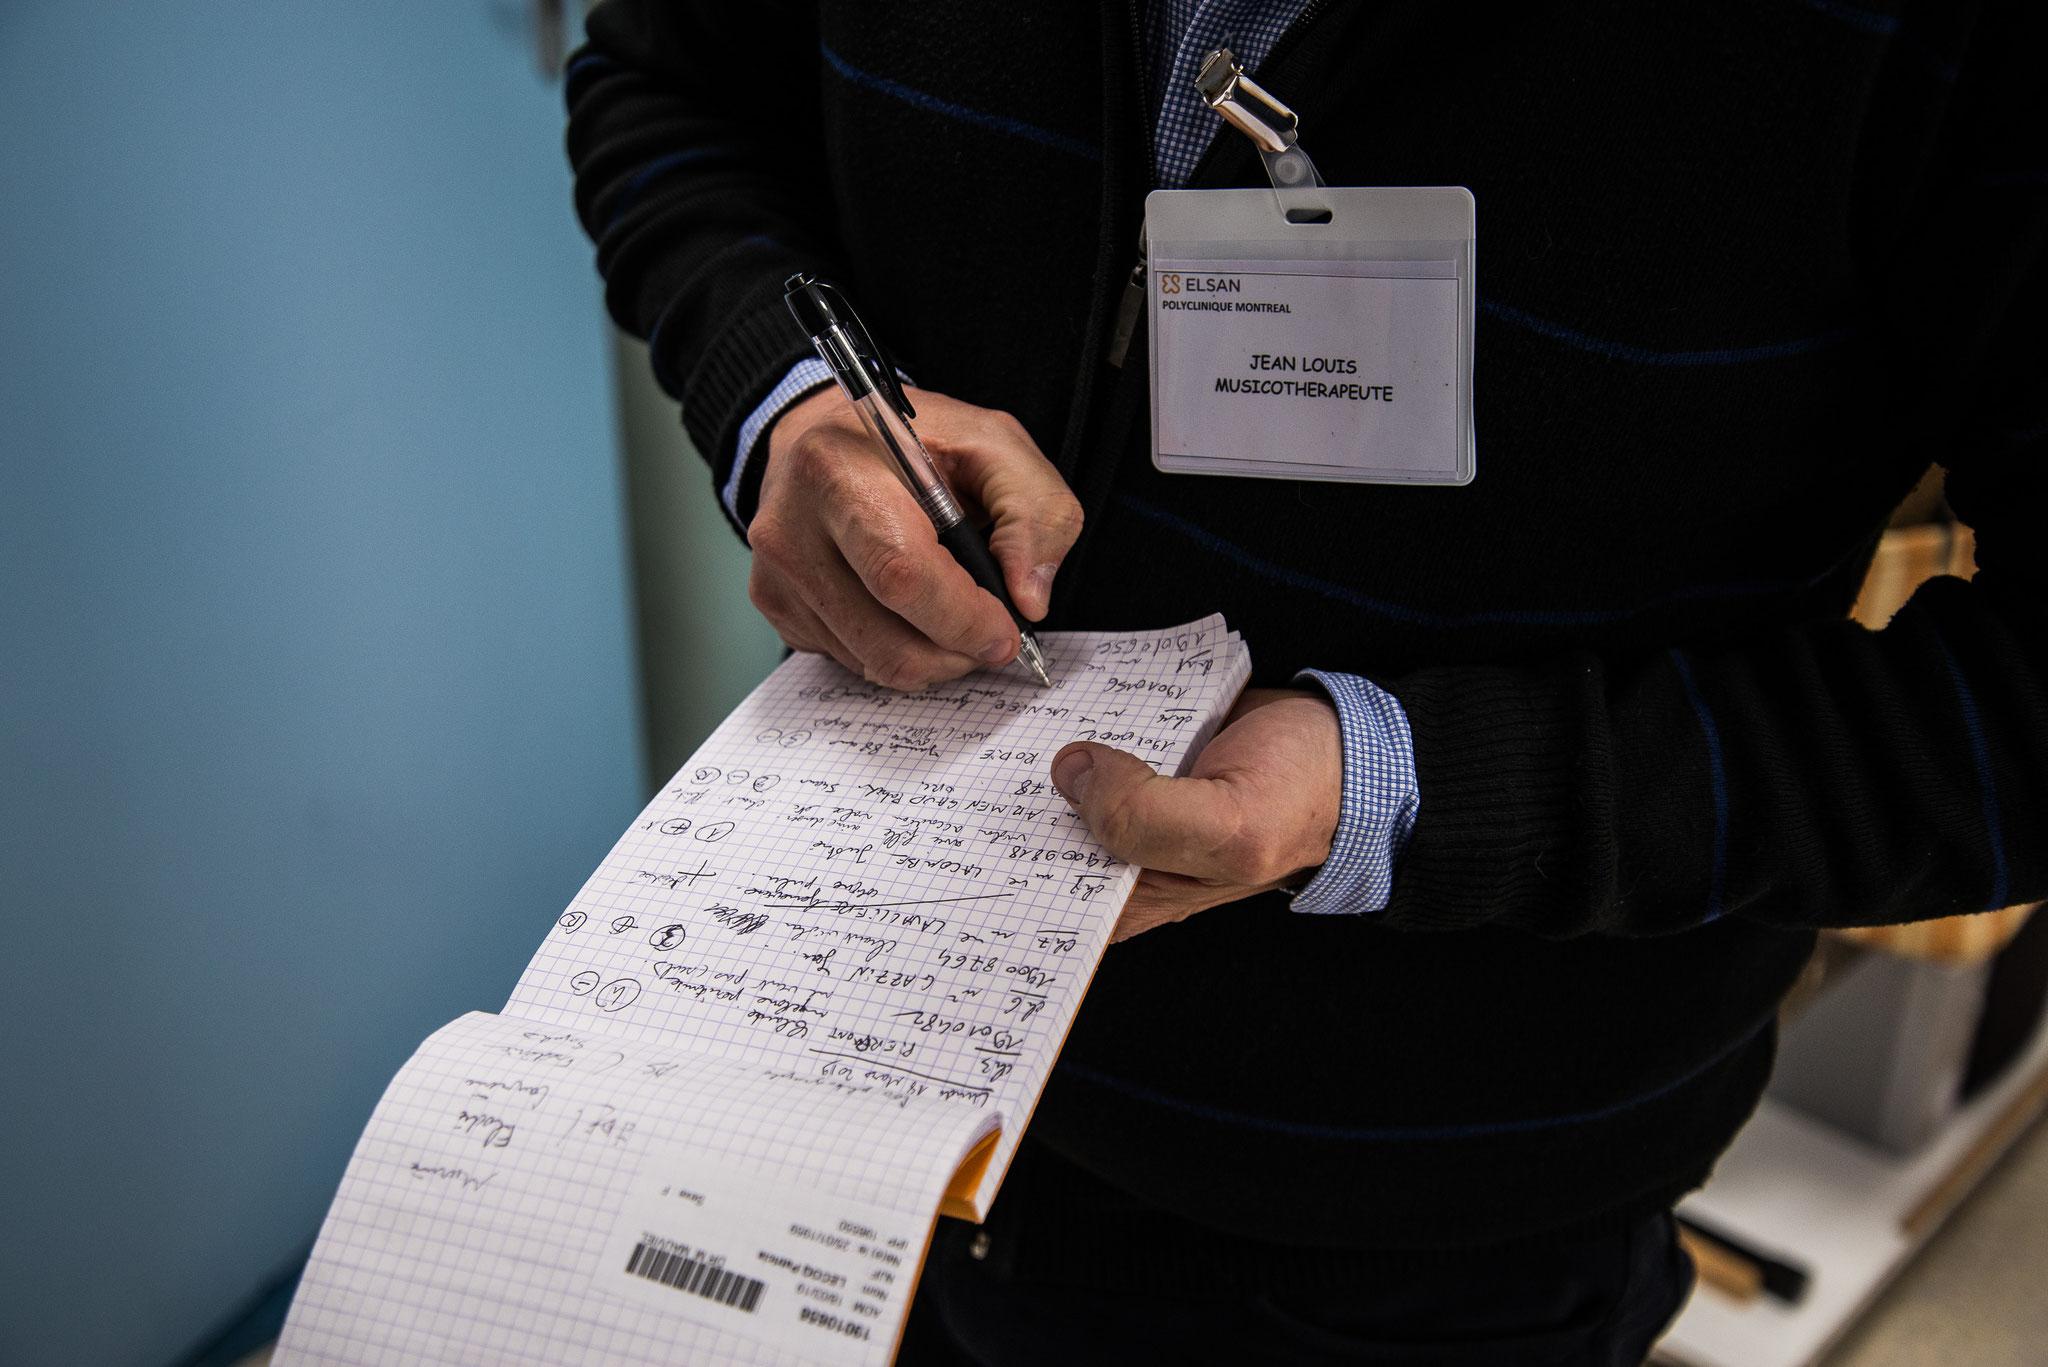 Jean Louis remplit les résultats des séances pour faire un compte rendu